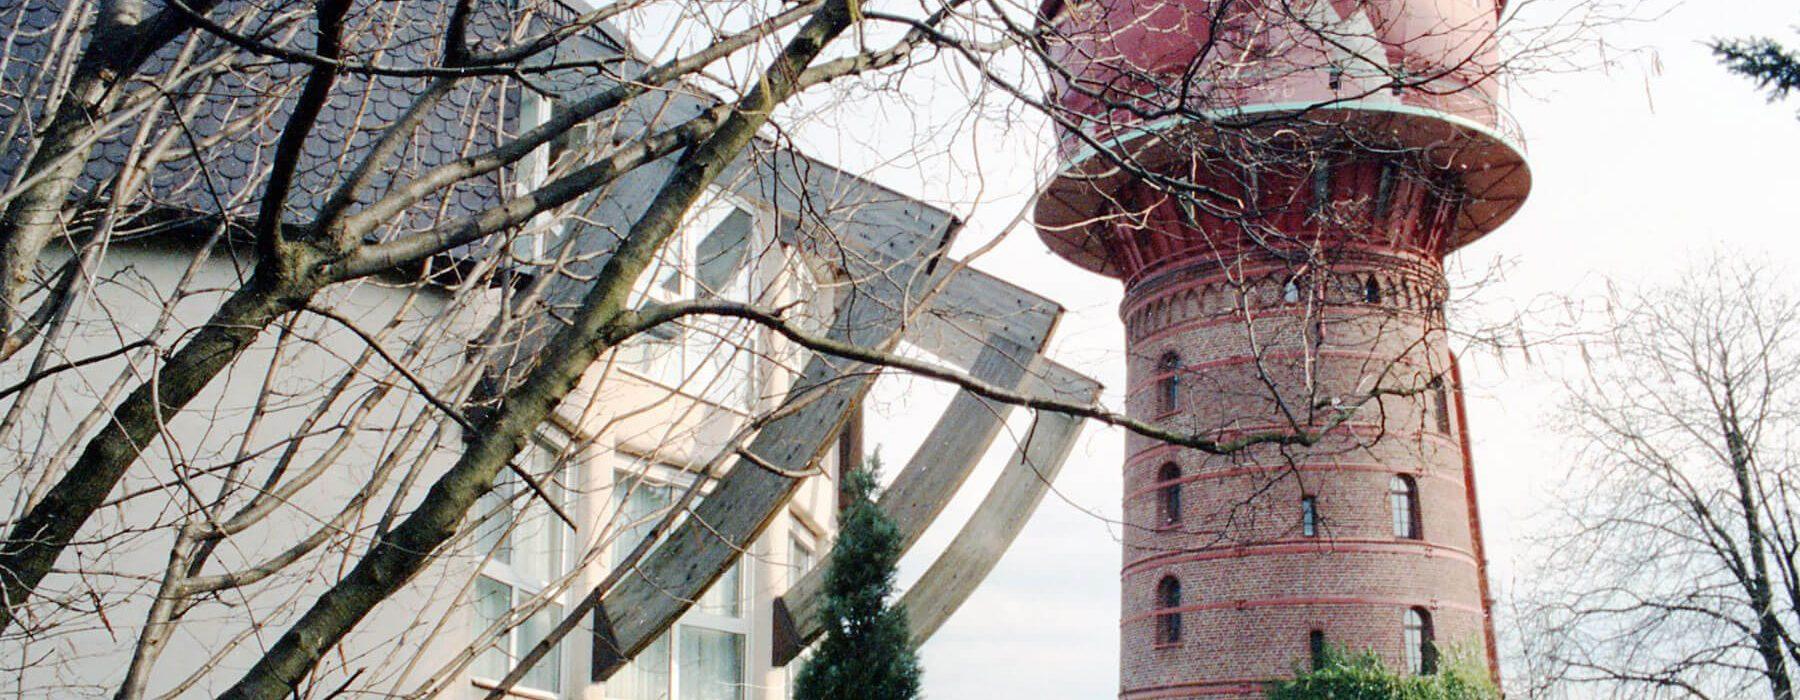 Außenaufnahme Haus und Turm hinter Baumzweigen